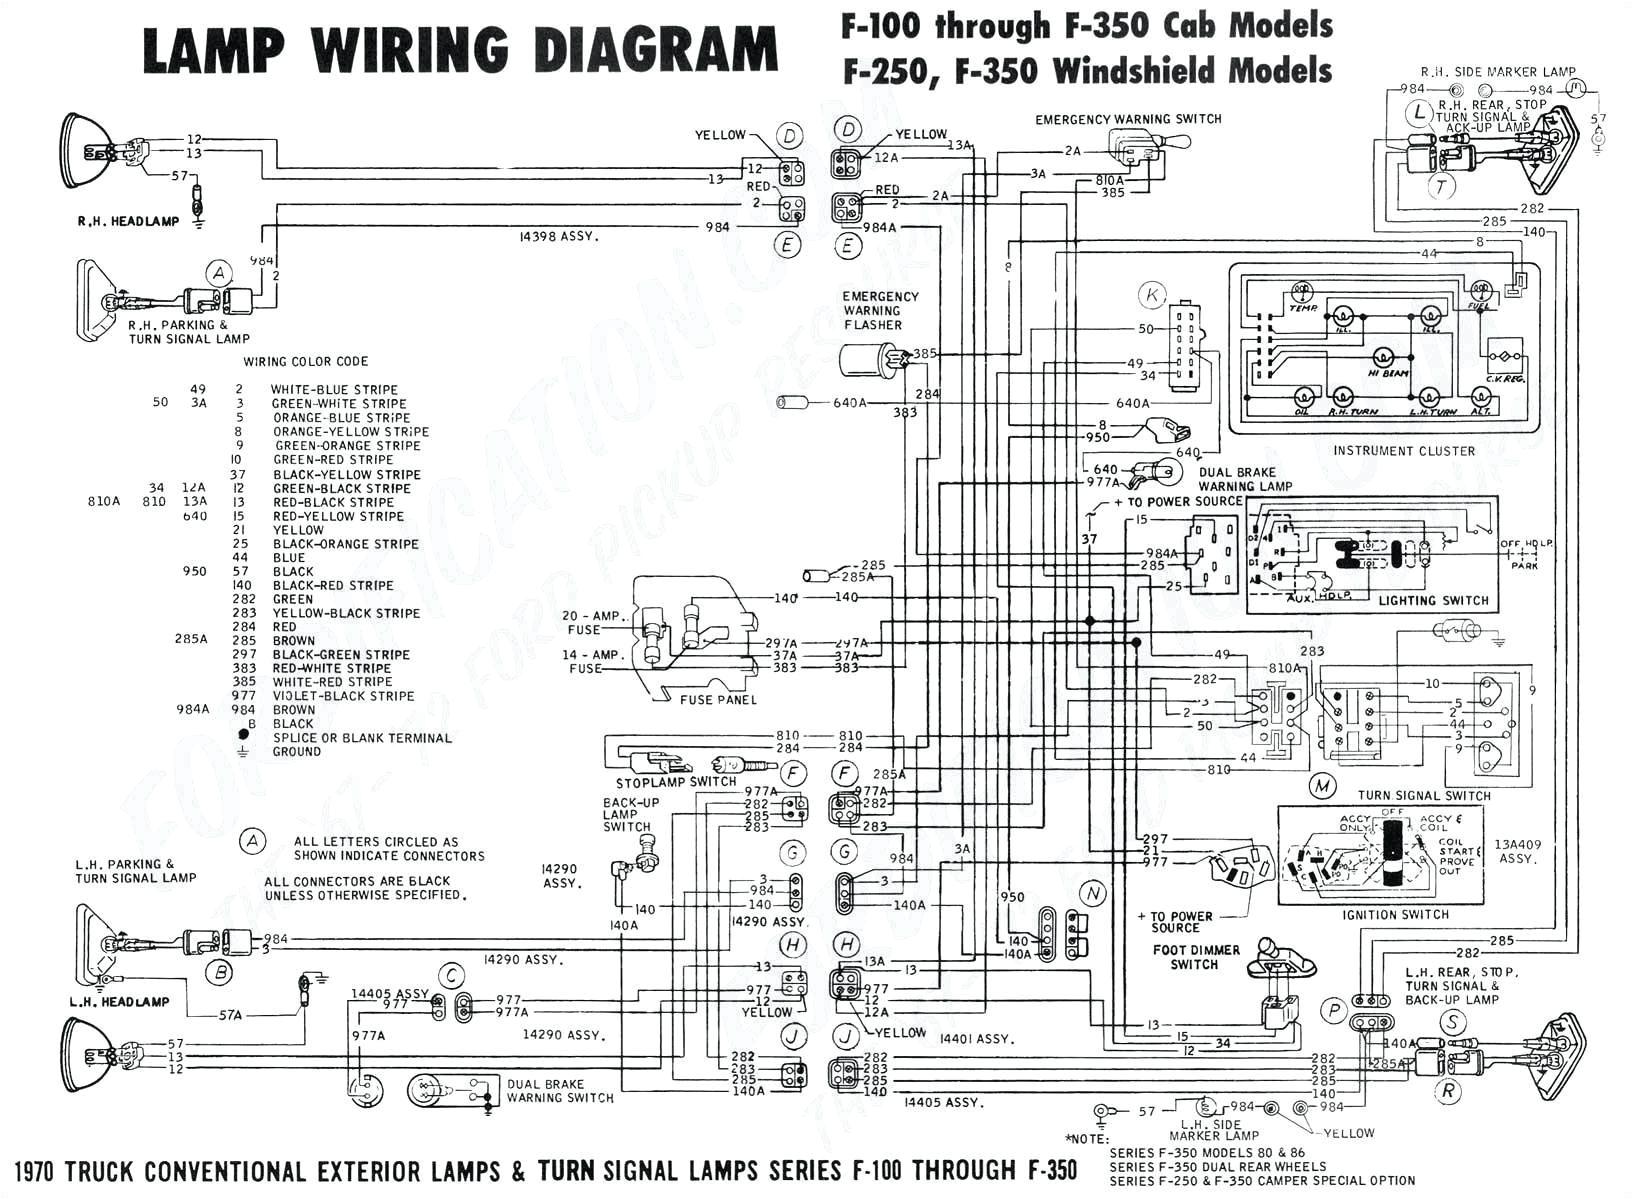 93 isuzu tail light wiring diagram wire diagram databasebasic wiring light wiring diagram database 93 isuzu